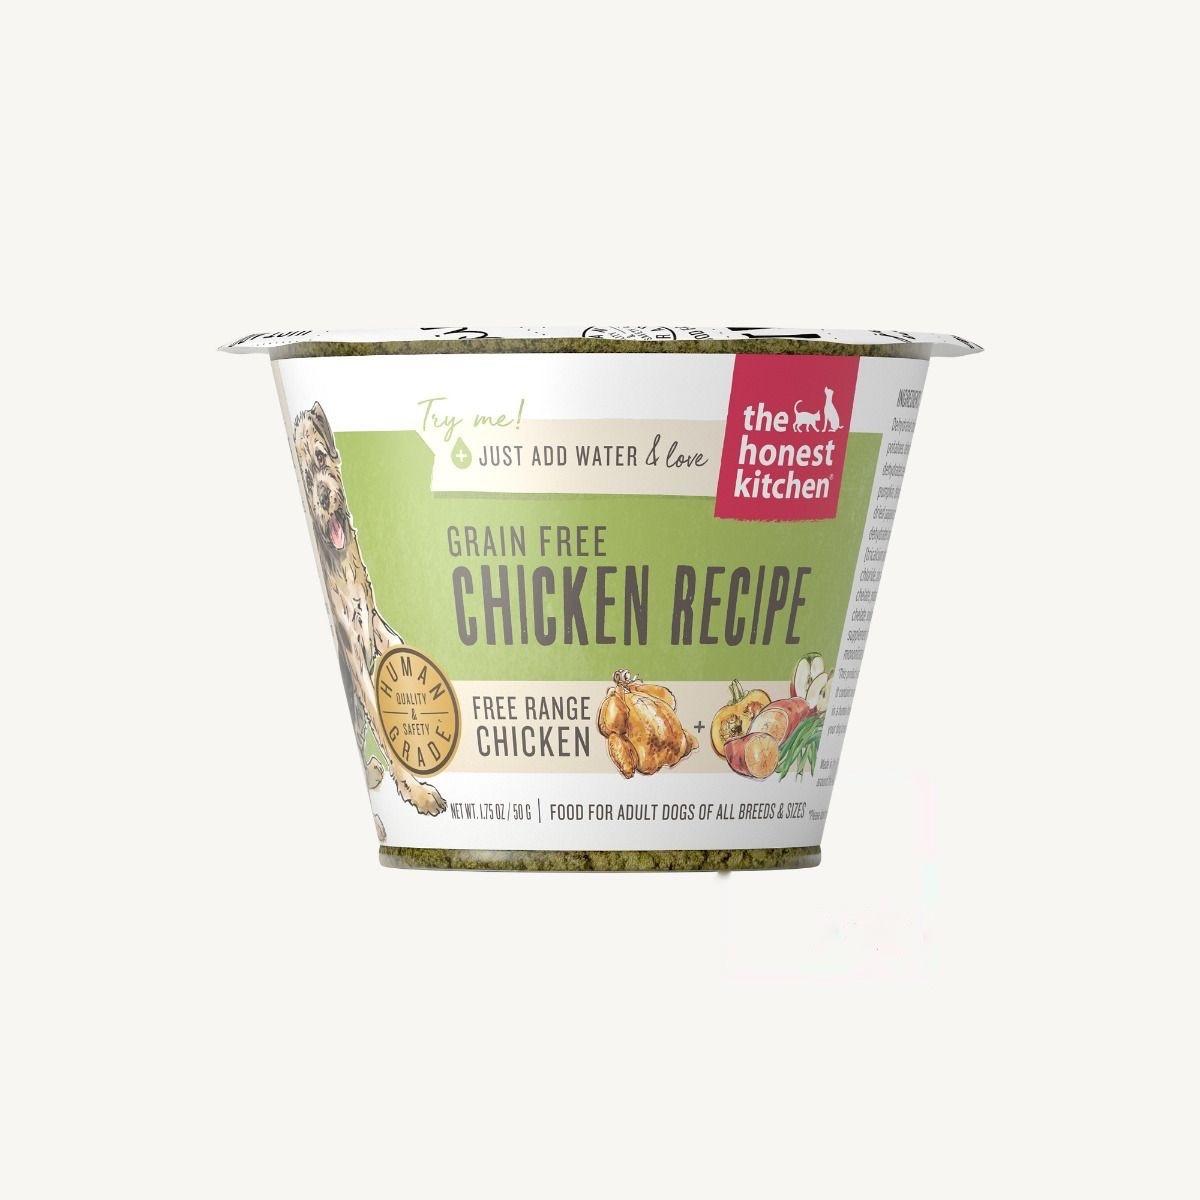 The Honest Kitchen Honest Kitchen Dehydrated Grain Free Chicken Recipe 1.75oz Single Serve Cup